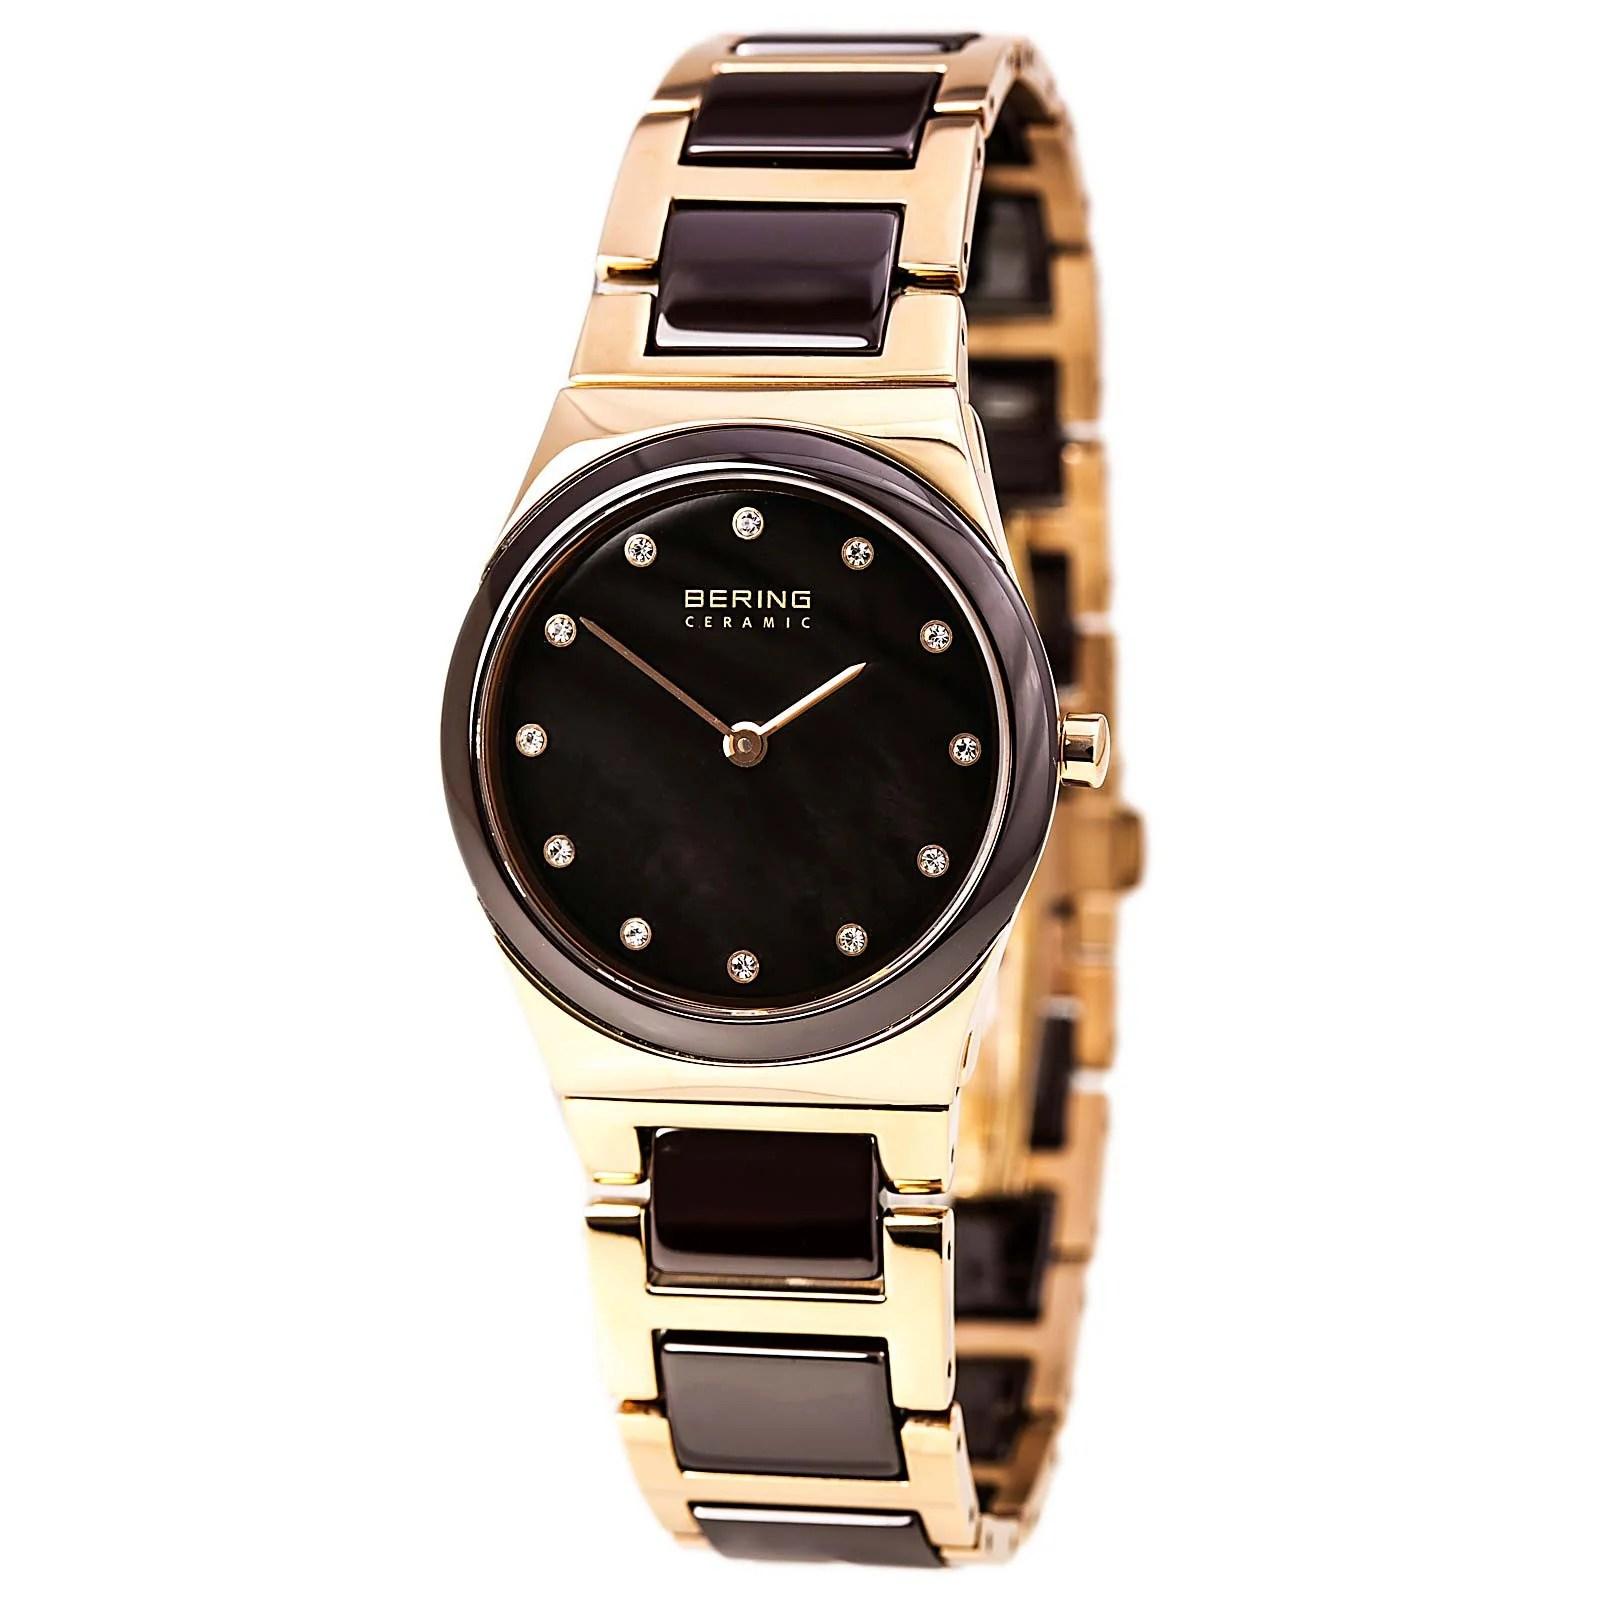 Bering 32230-765 Lady's MOP Dial Steel & Ceramic Bracelet Watch